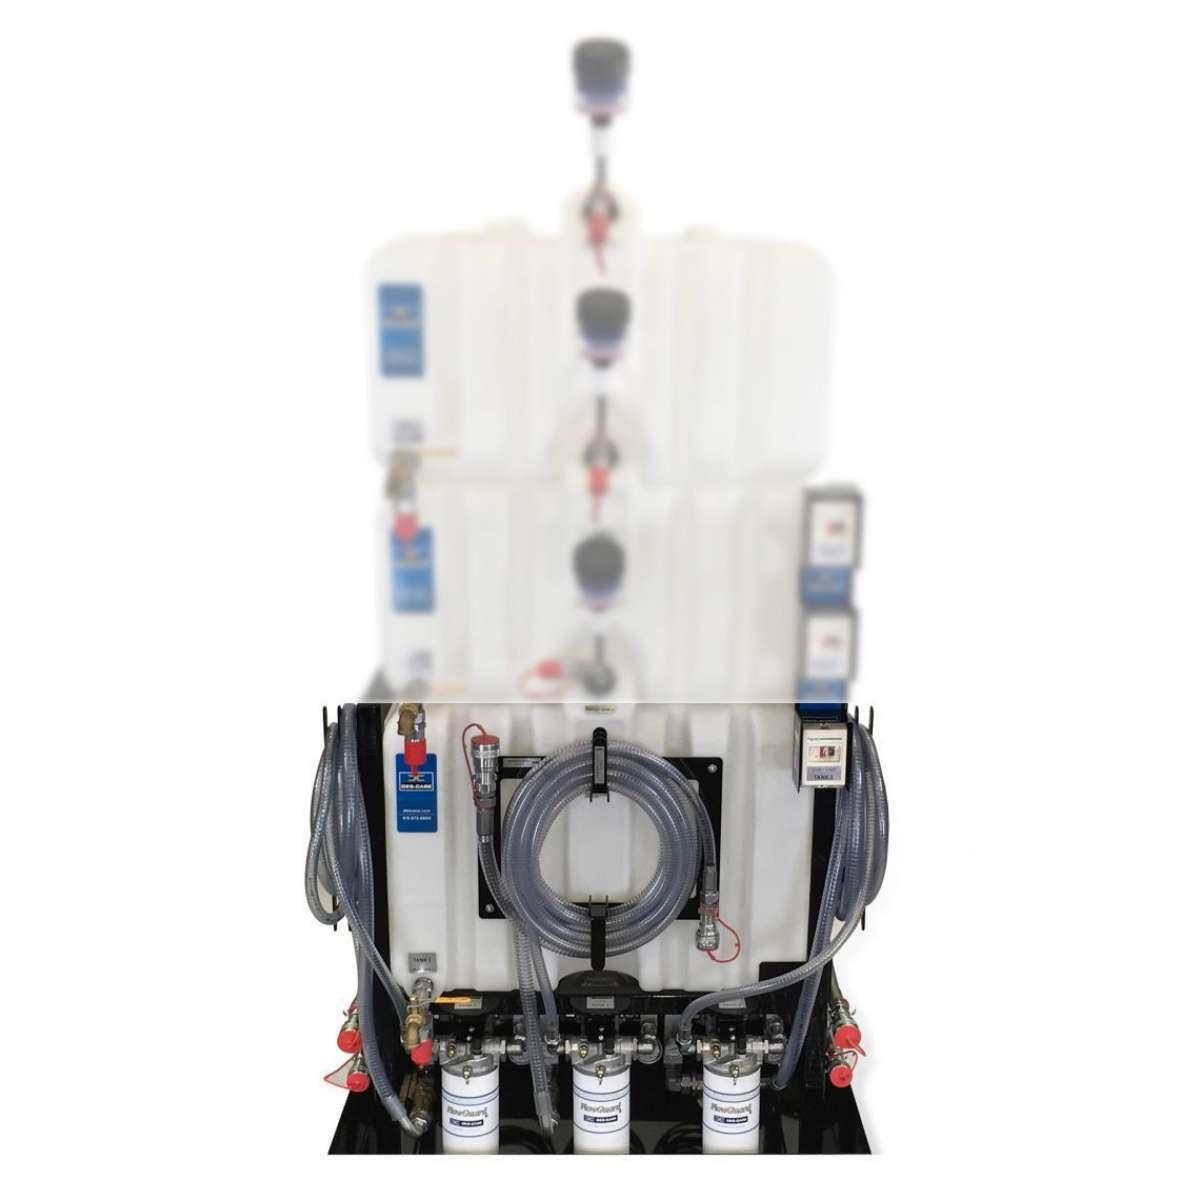 LT Series Lubricant Management System (LT-LMS) - Lower Unit